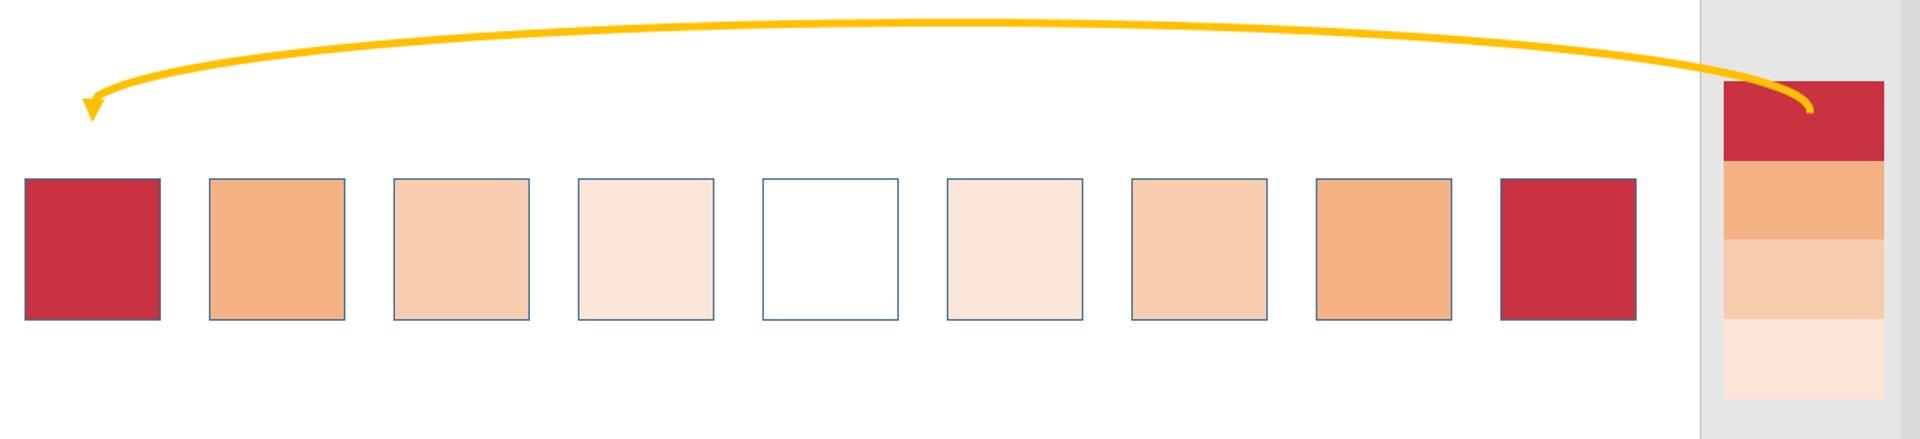 Farbschema Pipettenfunktion